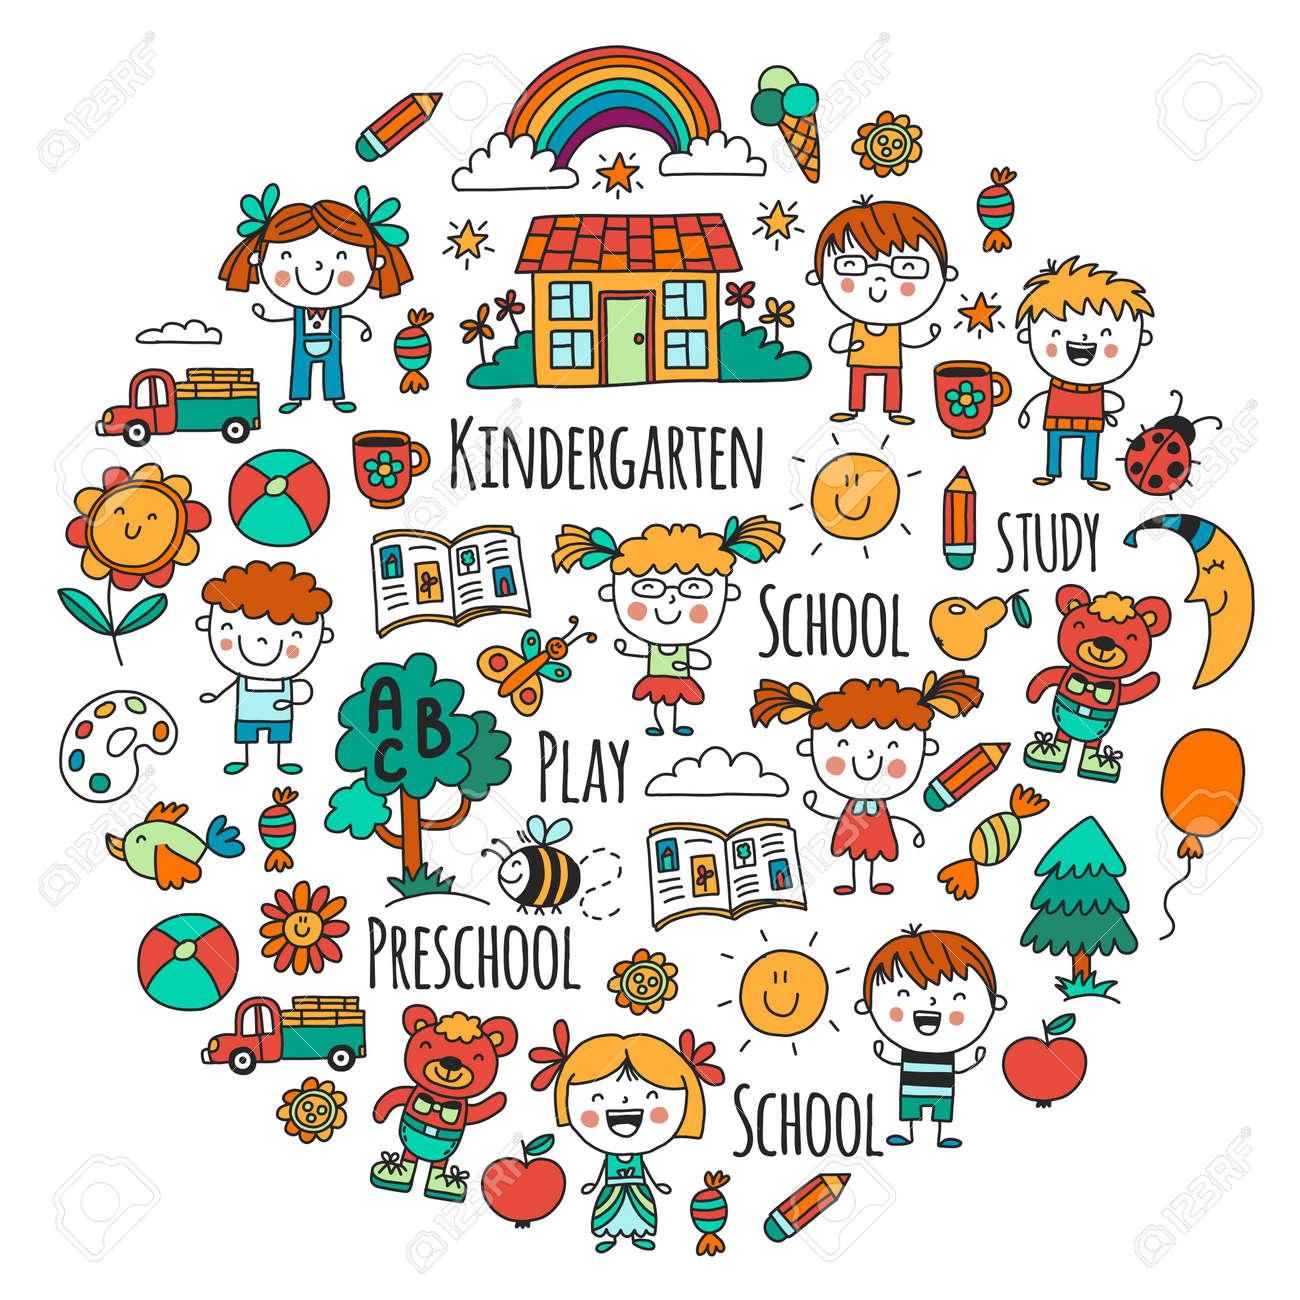 想像力 探査 研究 再生します ご覧ください 幼稚園 子供たち 子供たちを描きます 落書きアイコン イラスト 月 家 男の子と女の子 幼稚園 学校の画像 ベクトル パターンのイラスト素材 ベクタ Image